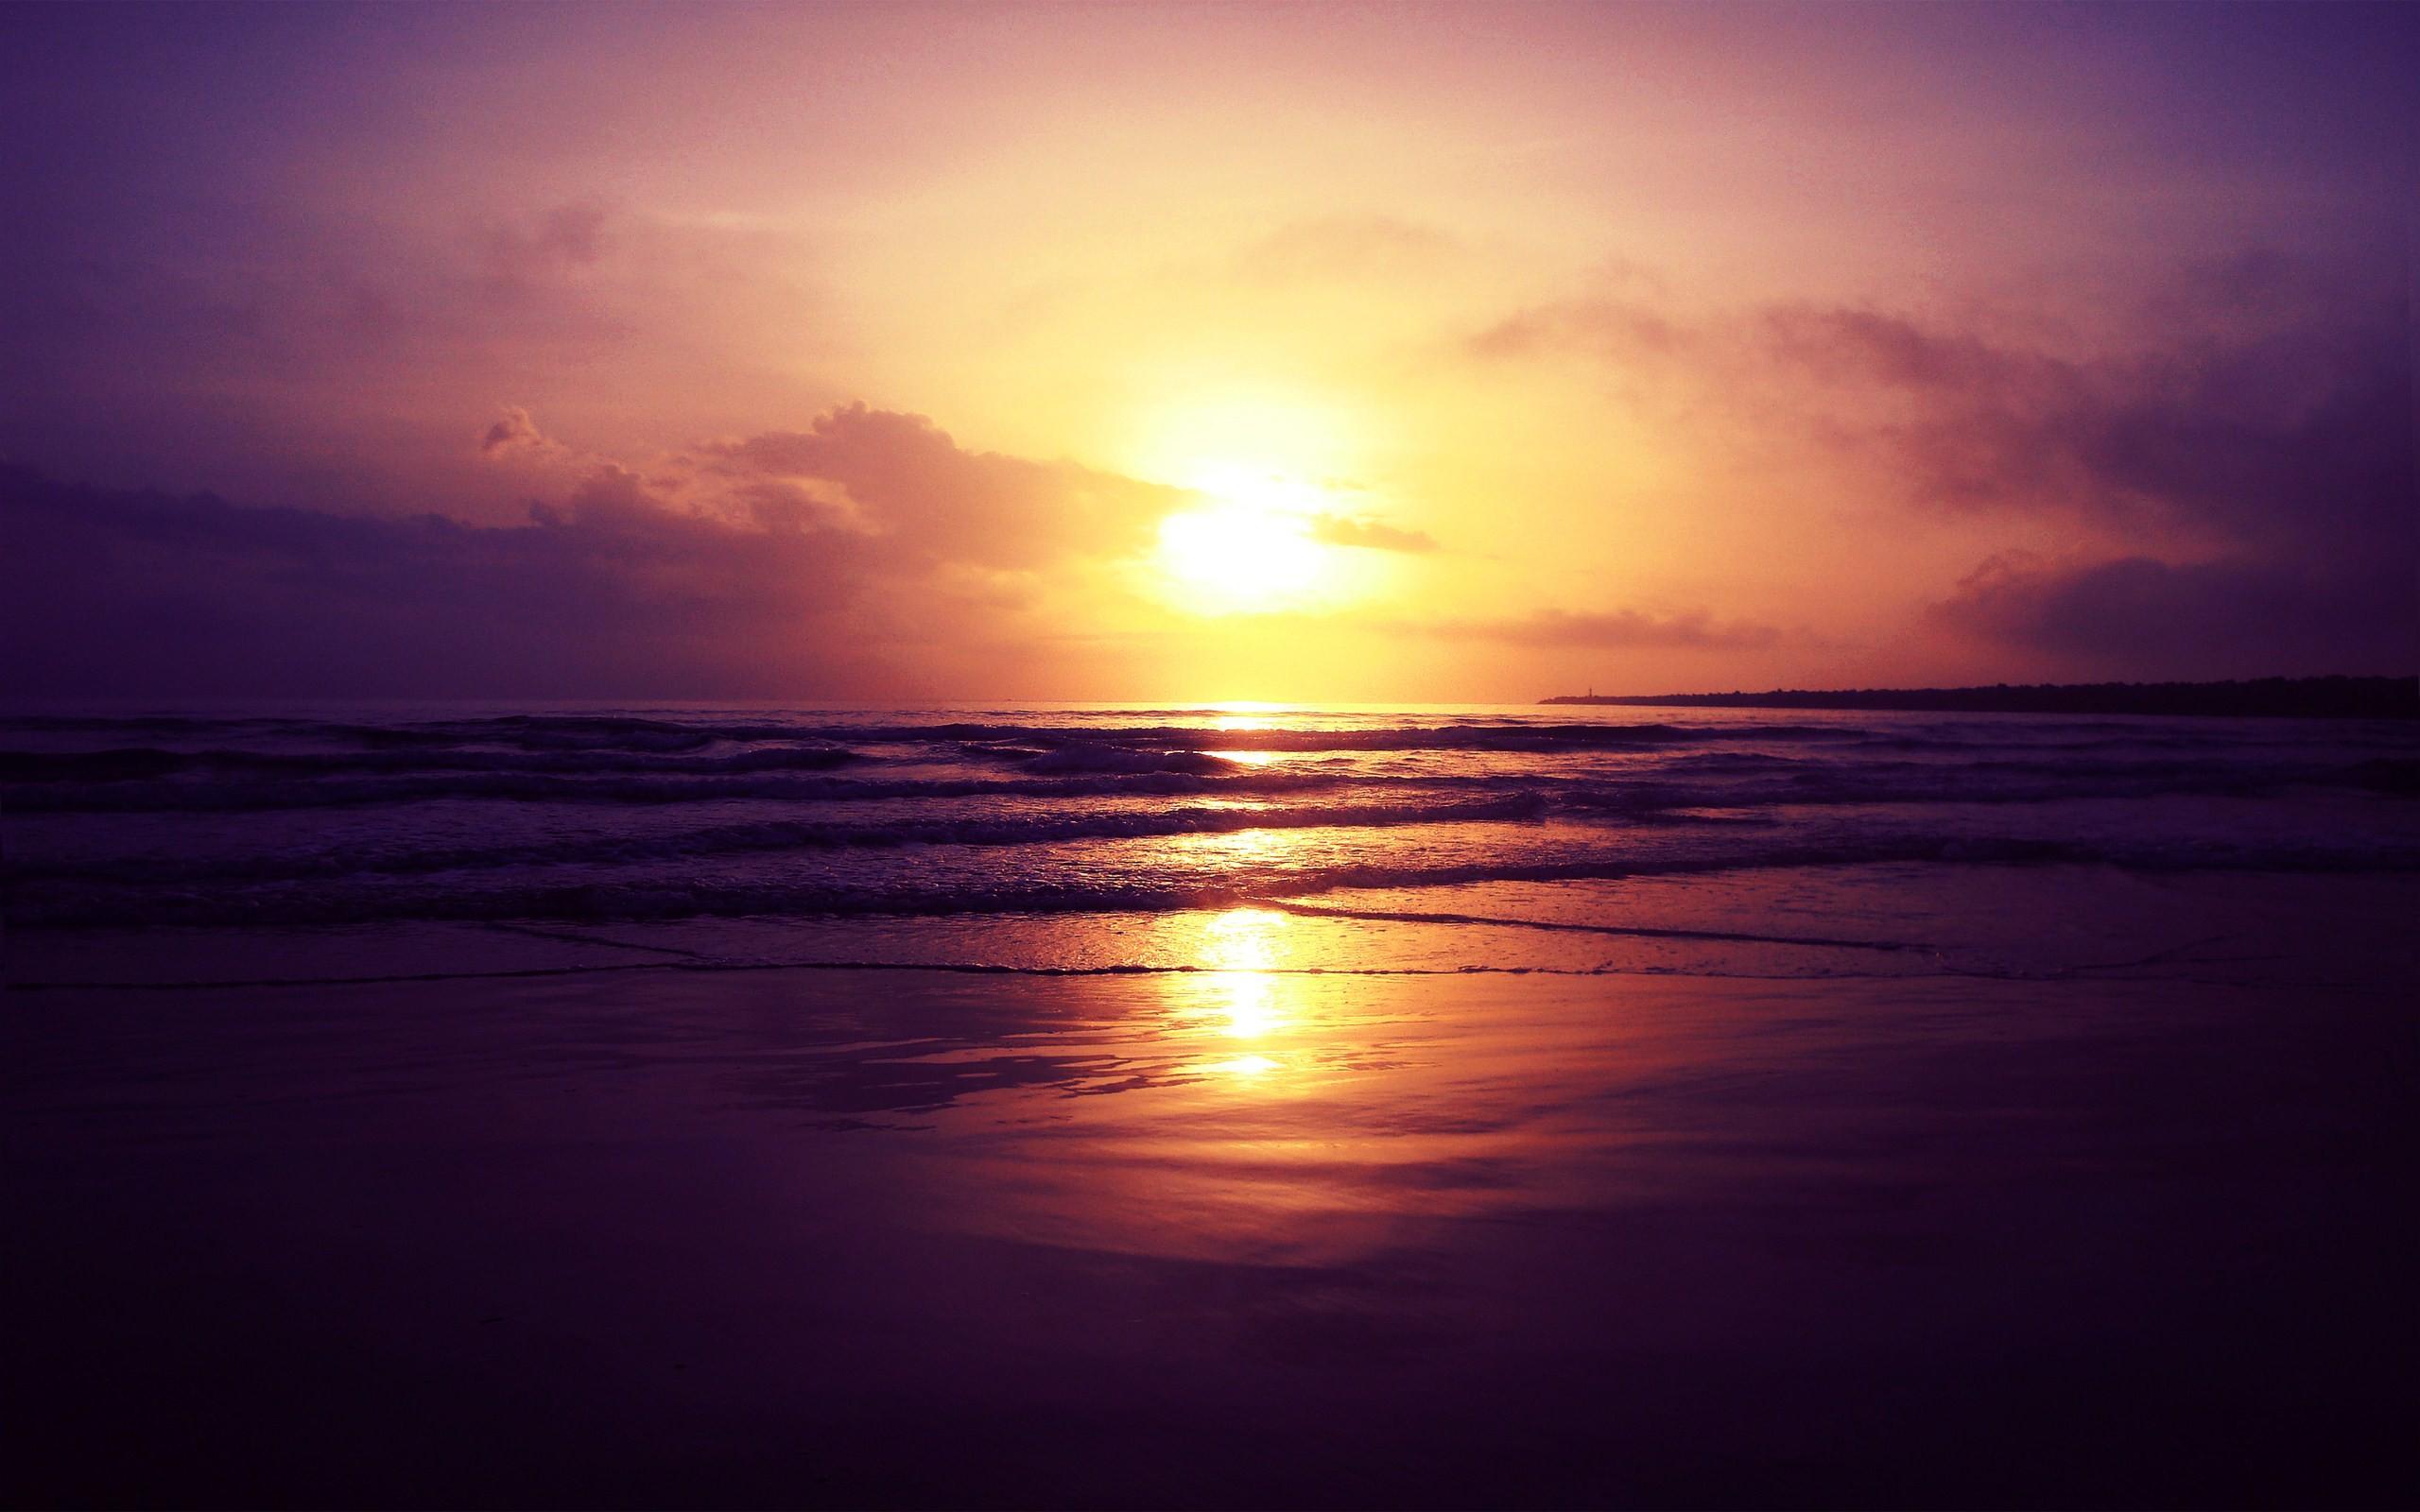 1920x1200 Beach Sunset Wallpaper Desktop